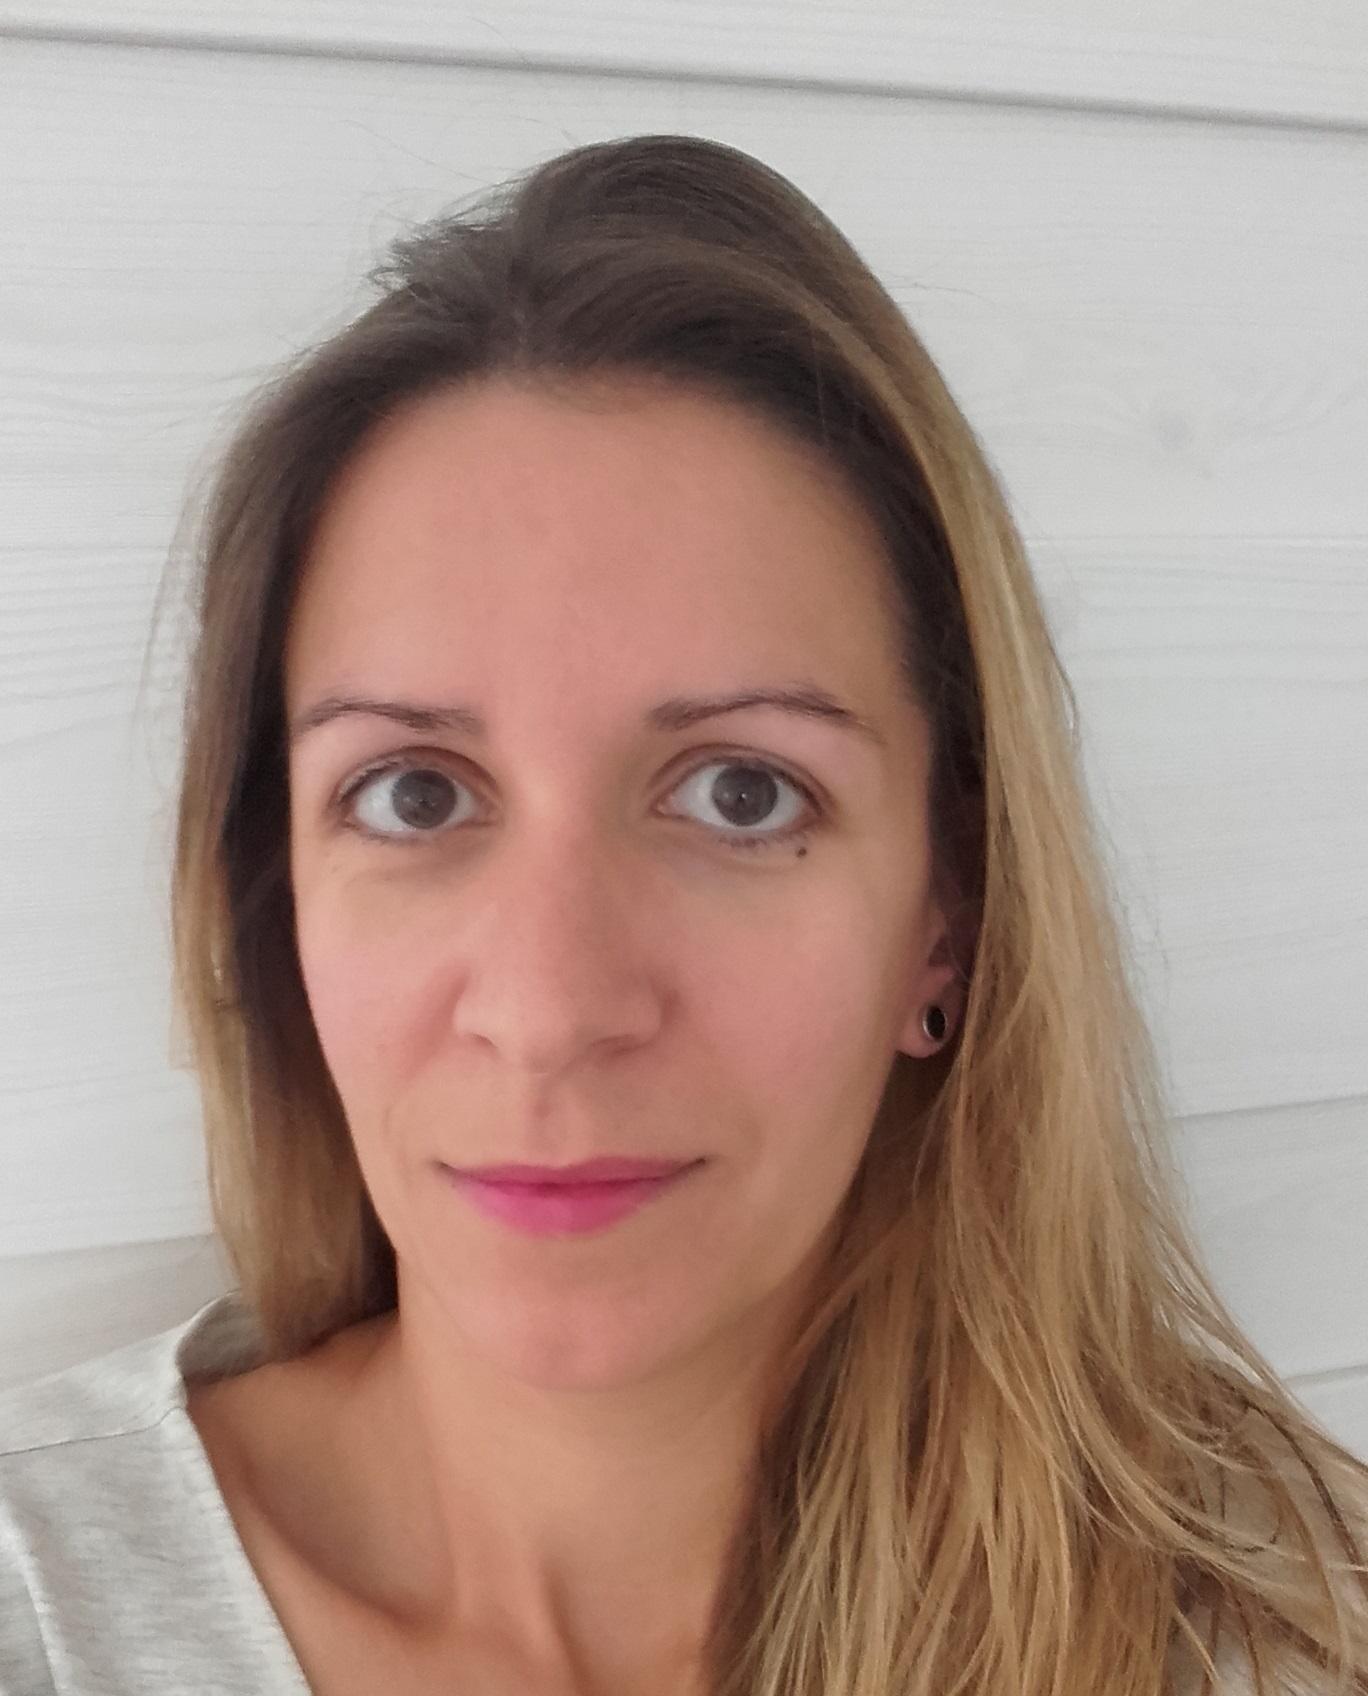 Kamila Strzelec